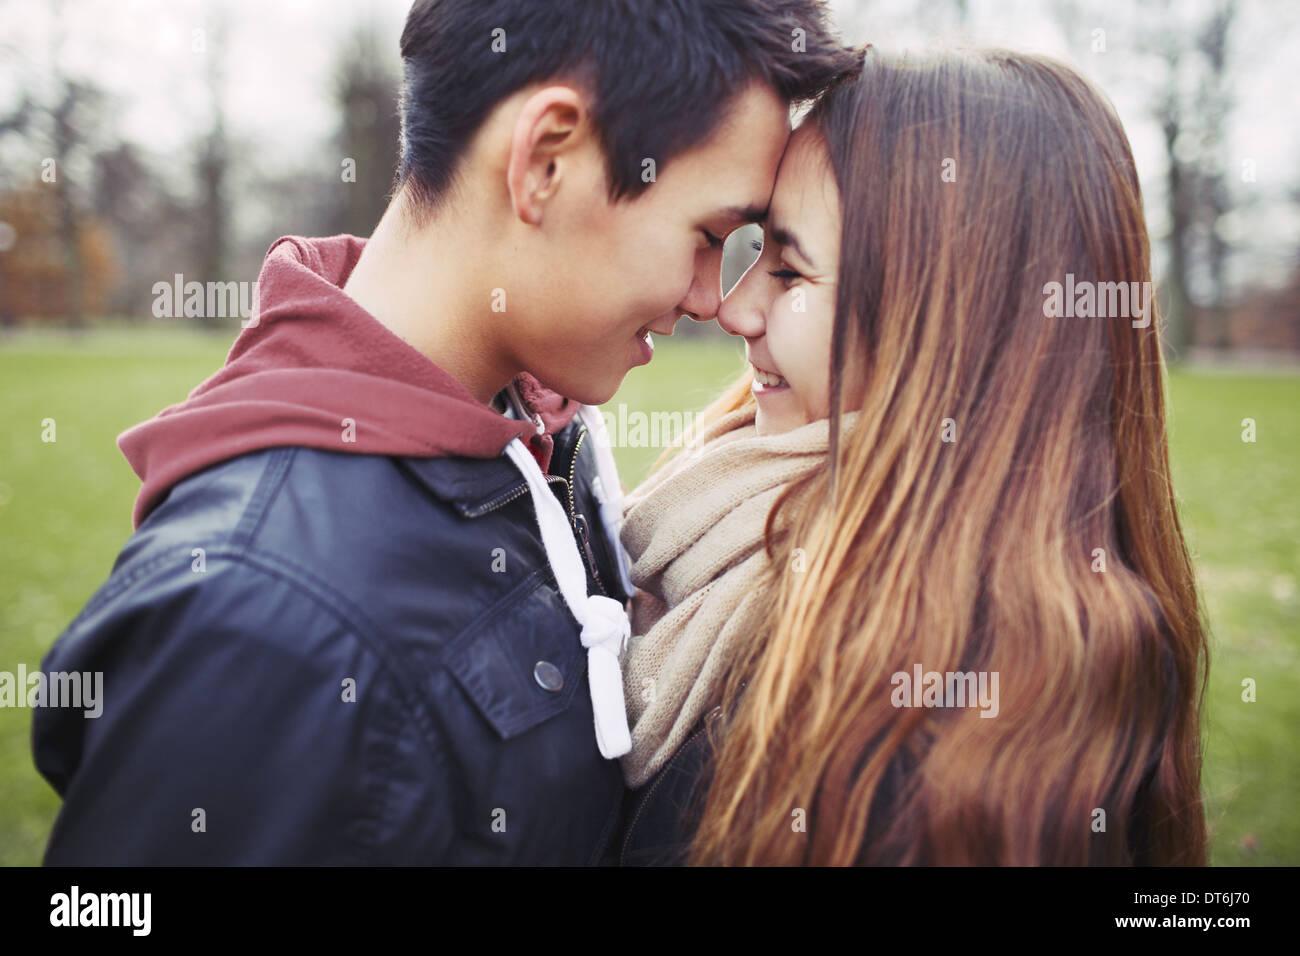 Close up of cute couple dans l'amour de partager un moment spécial. Jeune homme romantique et la femme à l'extérieur dans le parc. Photo Stock